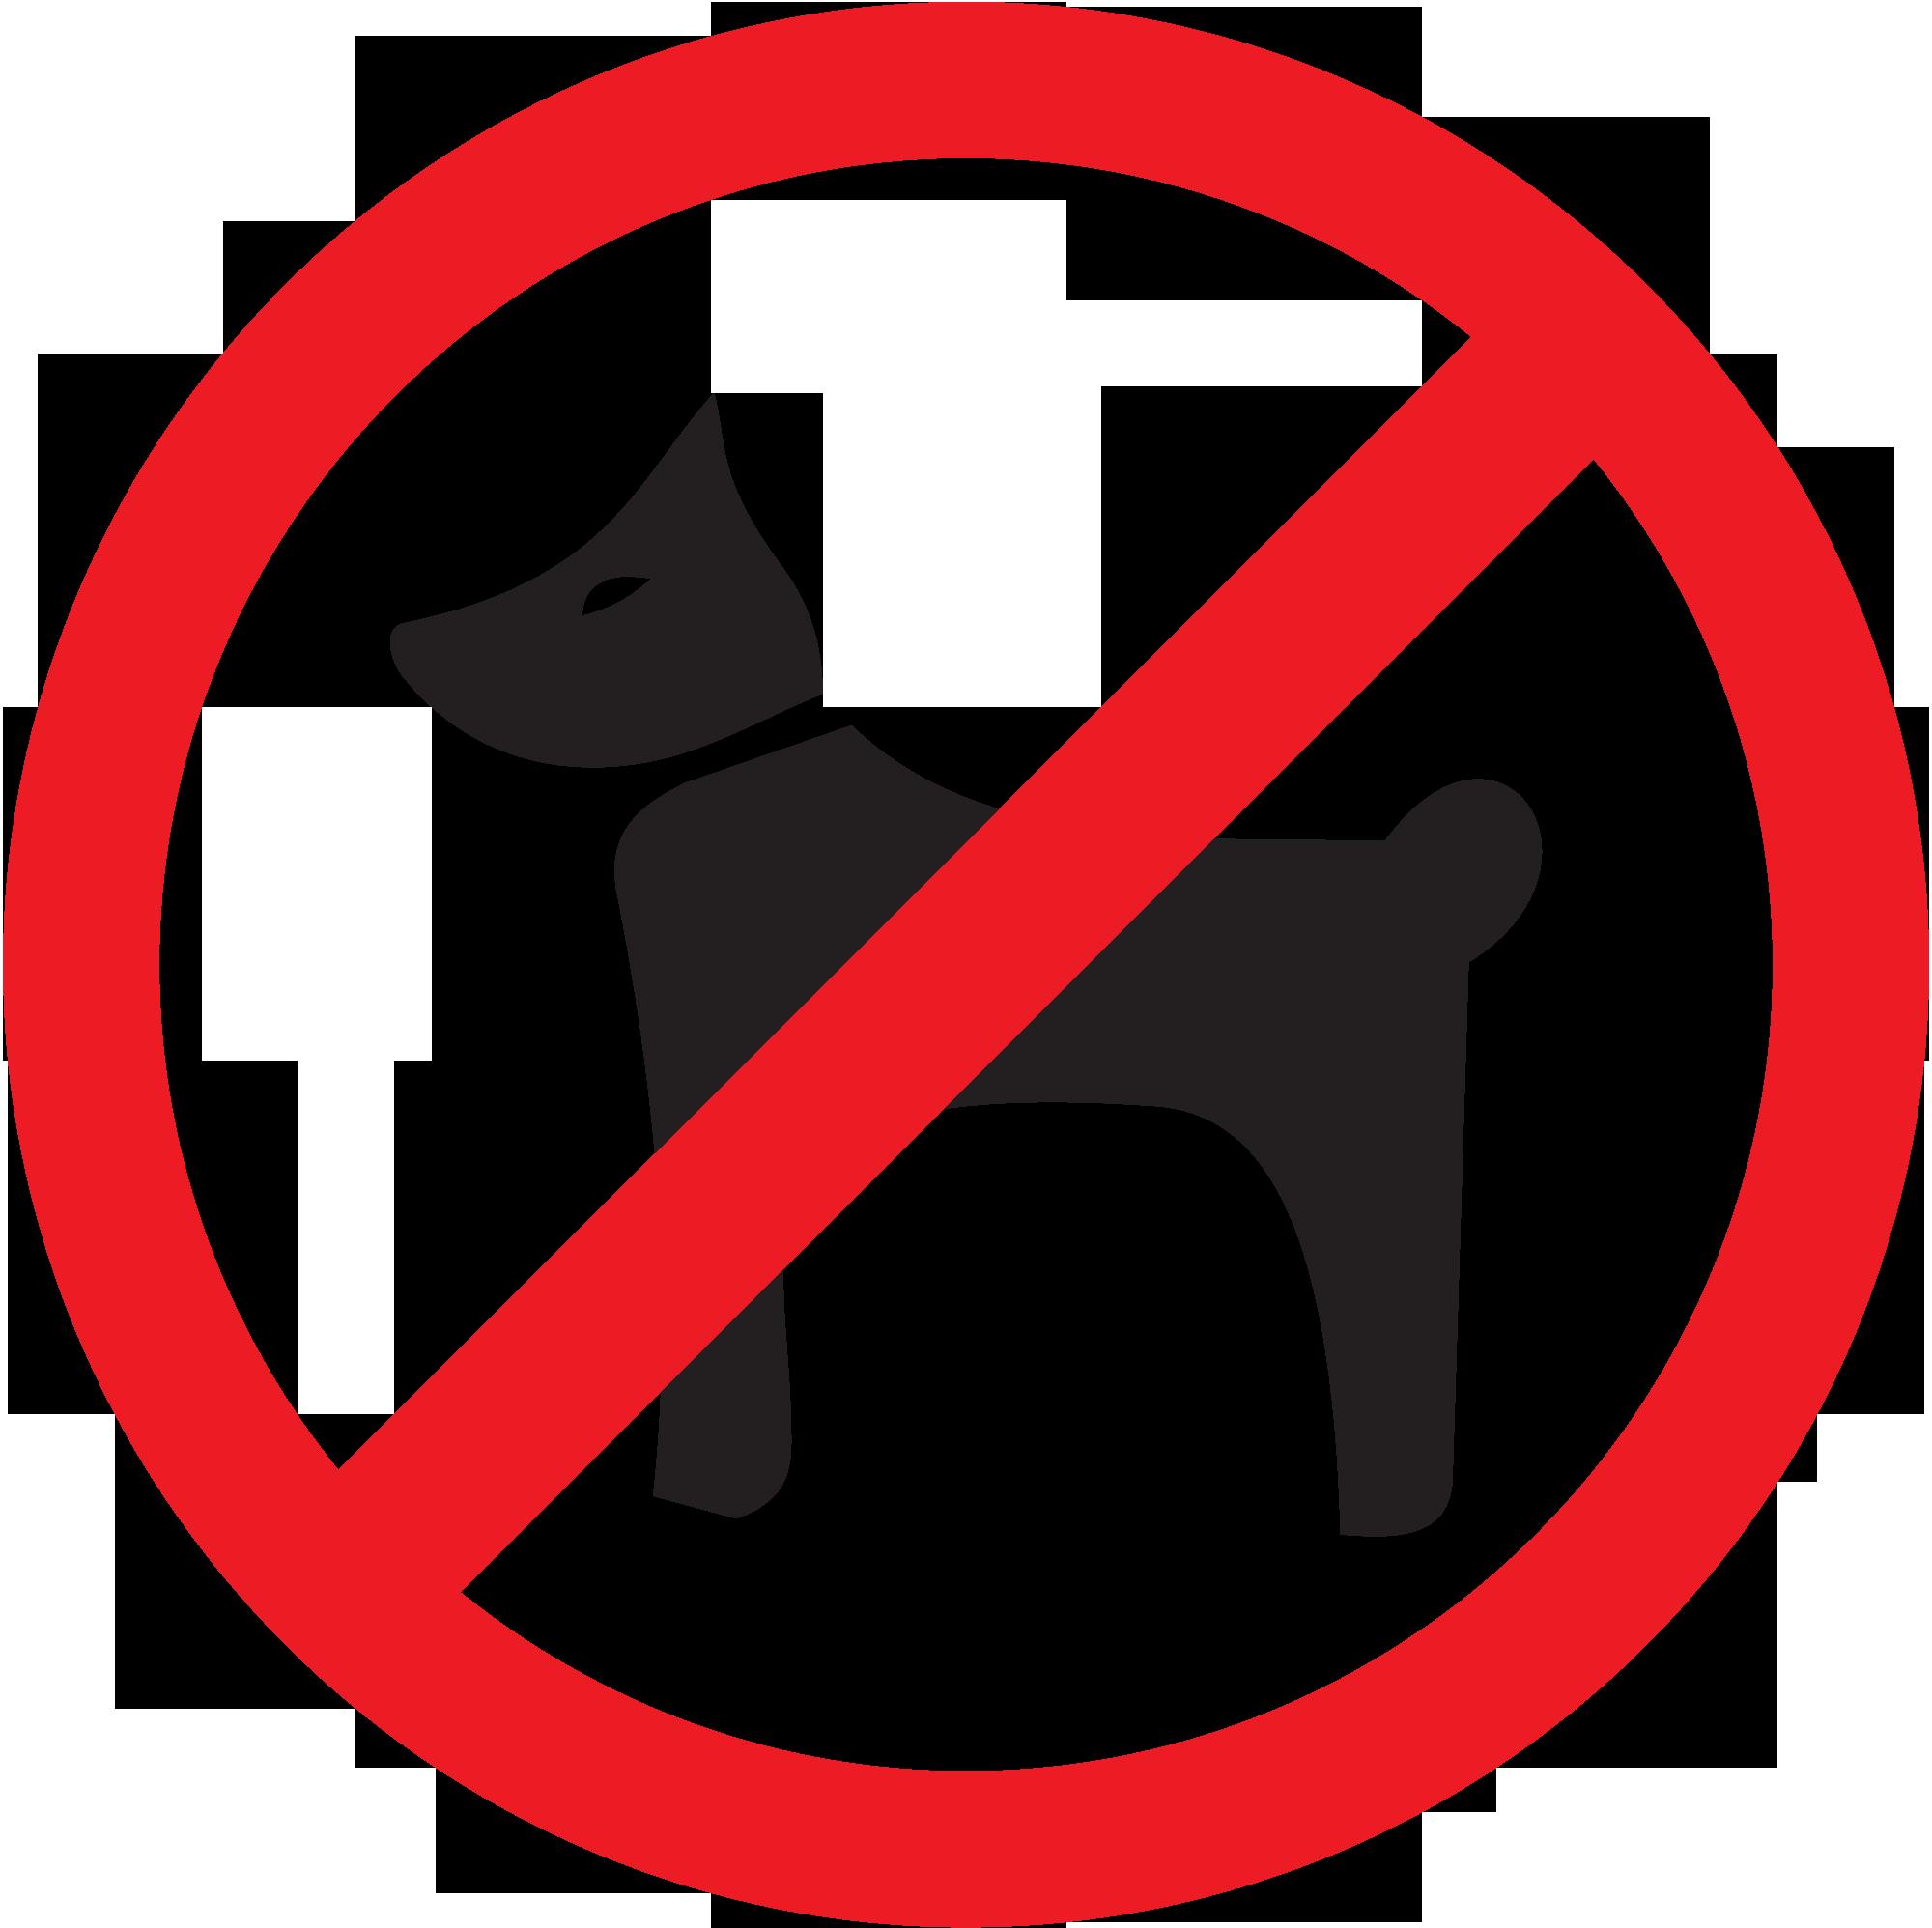 с собаками нельзя